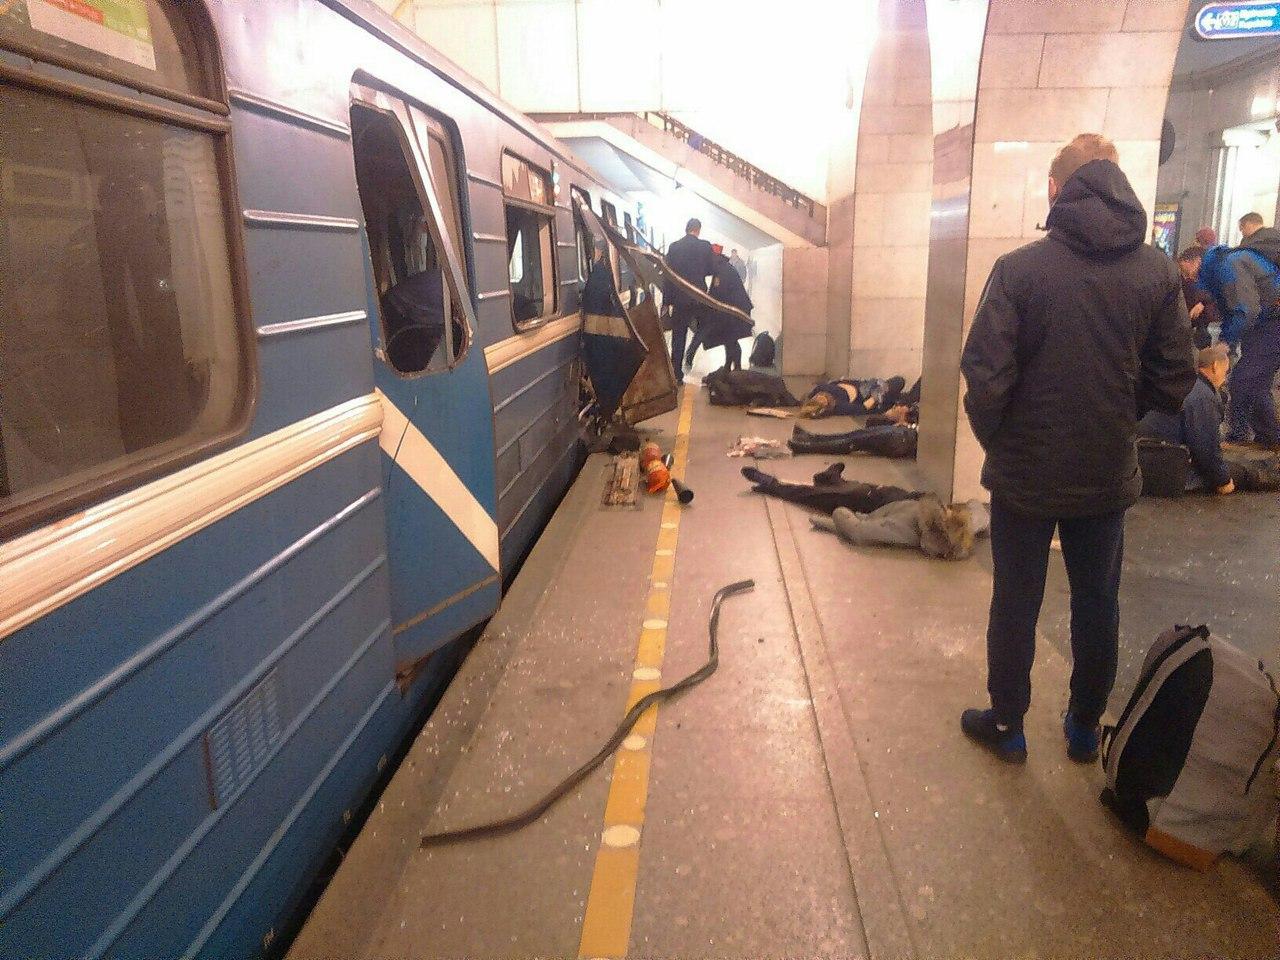 15 пассажиров взорвавшегося вагона вметро Петербурга останутся без выплат